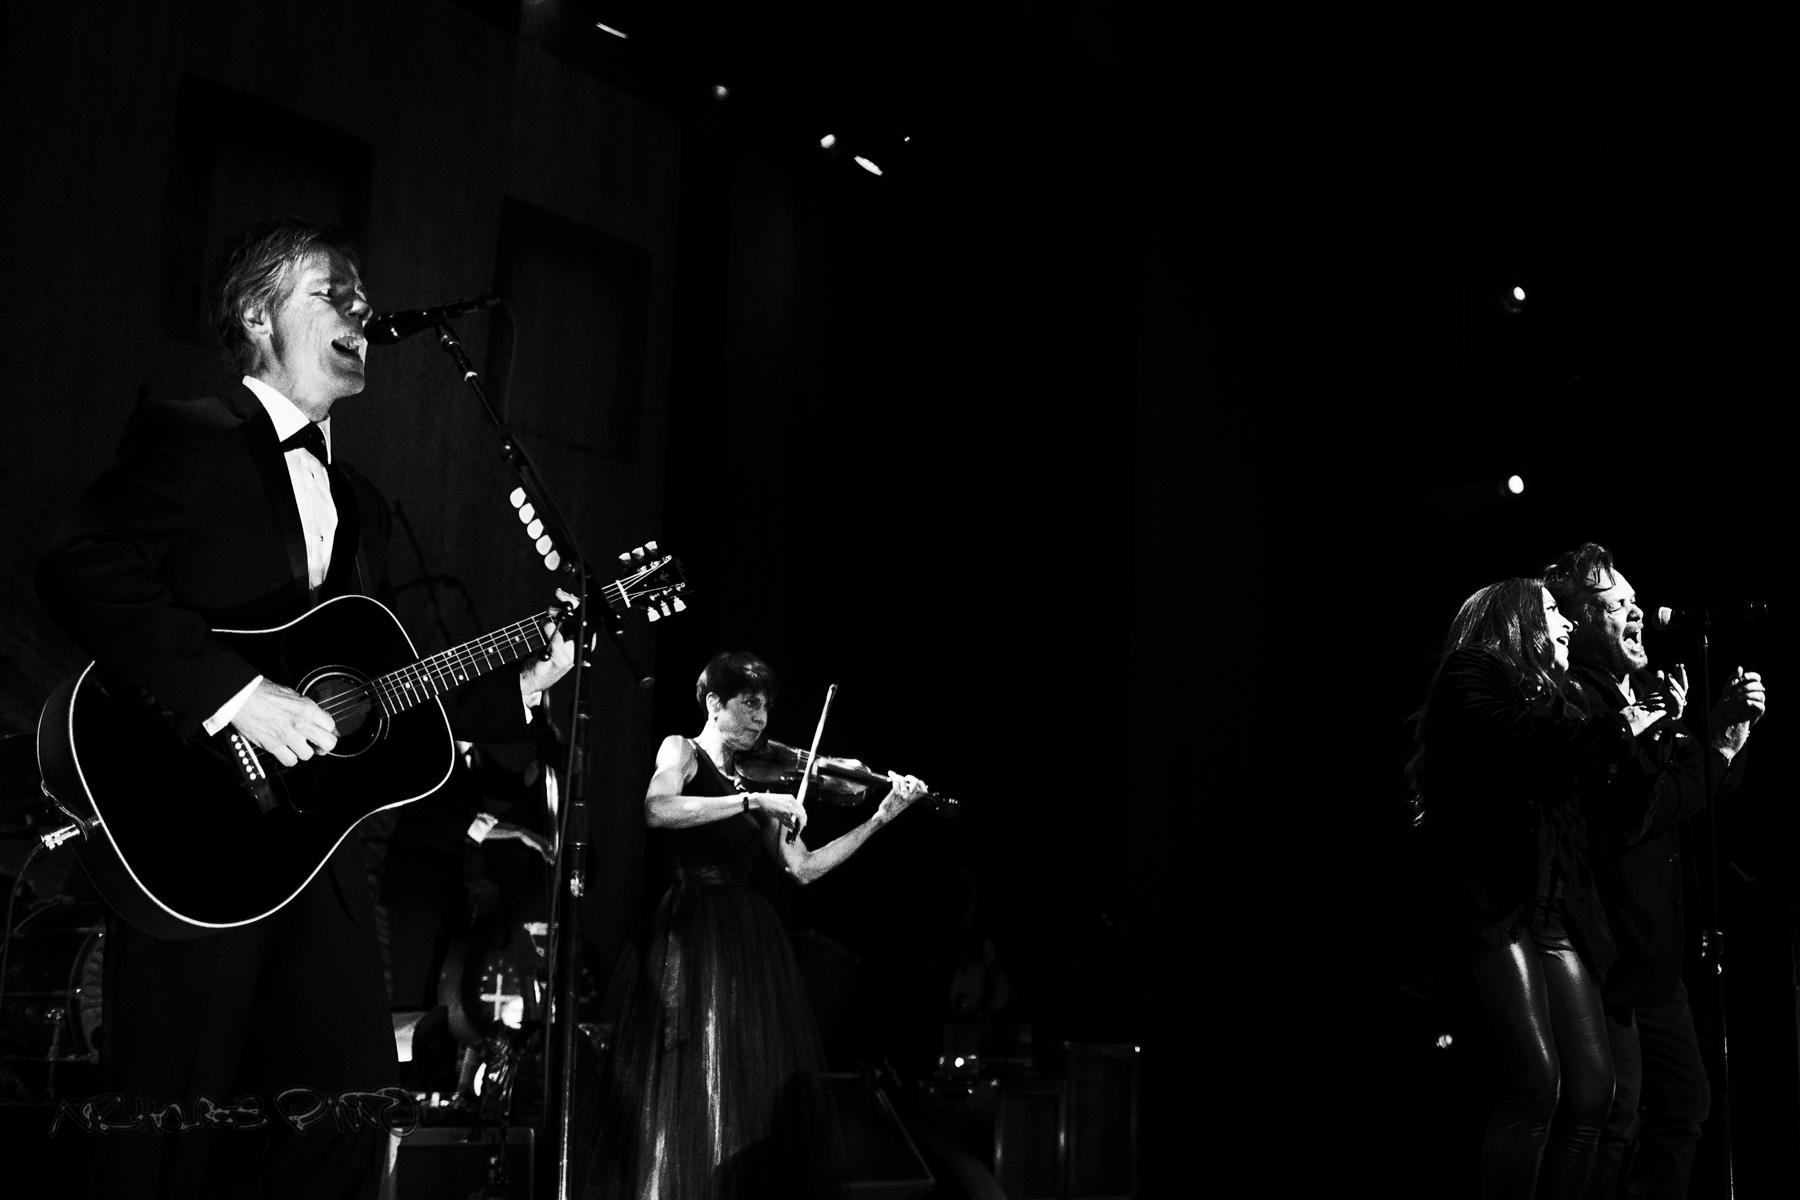 John Mellencamp and Carlene Carter perform together.